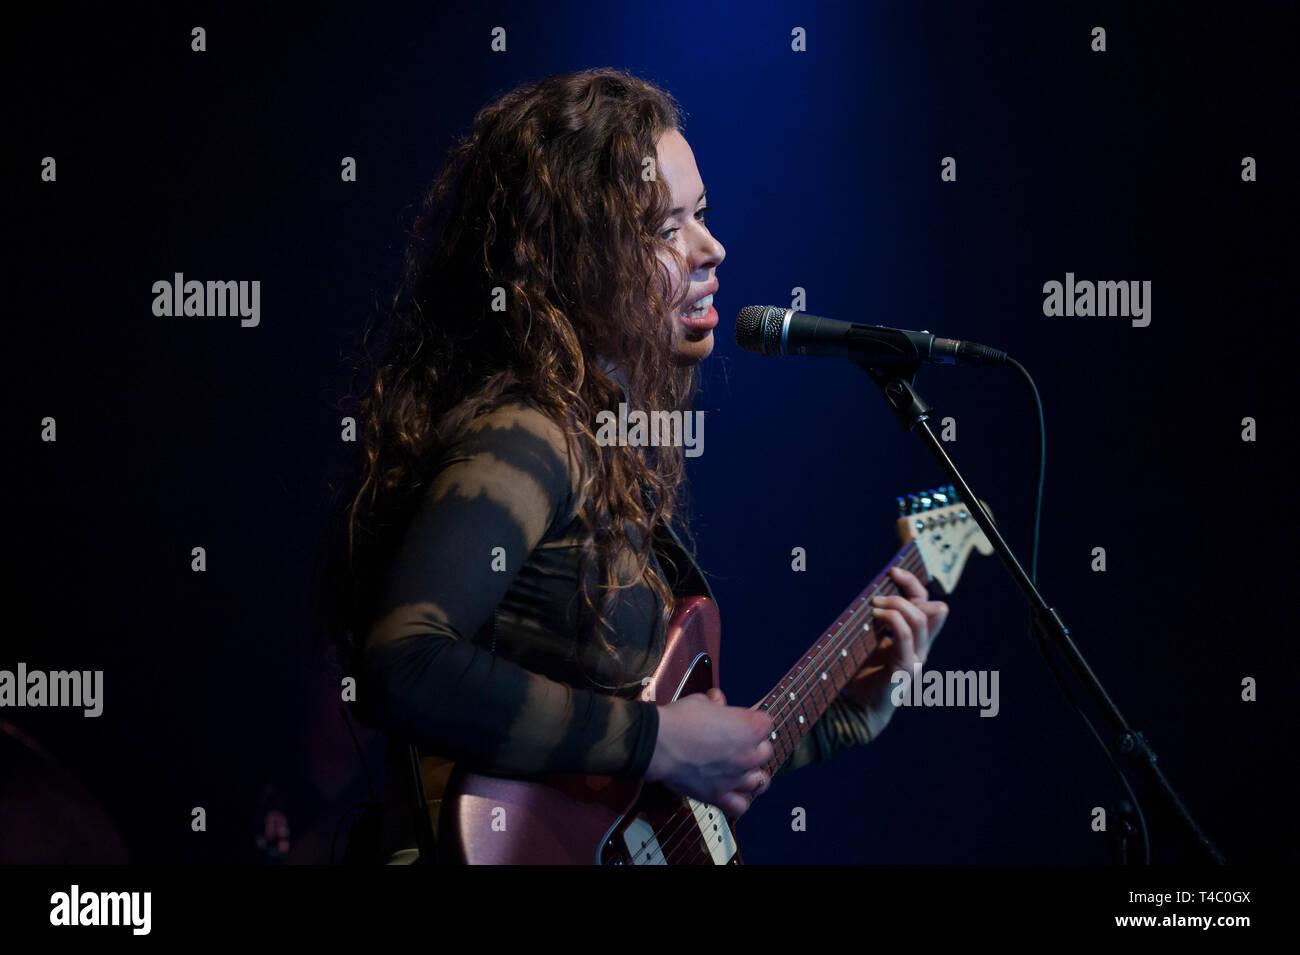 """Brighton, East Sussex. 14 avril 2019. Nilufer Yanya effectue live at The Haunt à Brighton, sur sa tournée européenne. La tournée suit la sortie de son premier album """"Miss Univers"""" publié le 22 mars 2019. Credit: Francesca Moore/Alamy Live News Banque D'Images"""